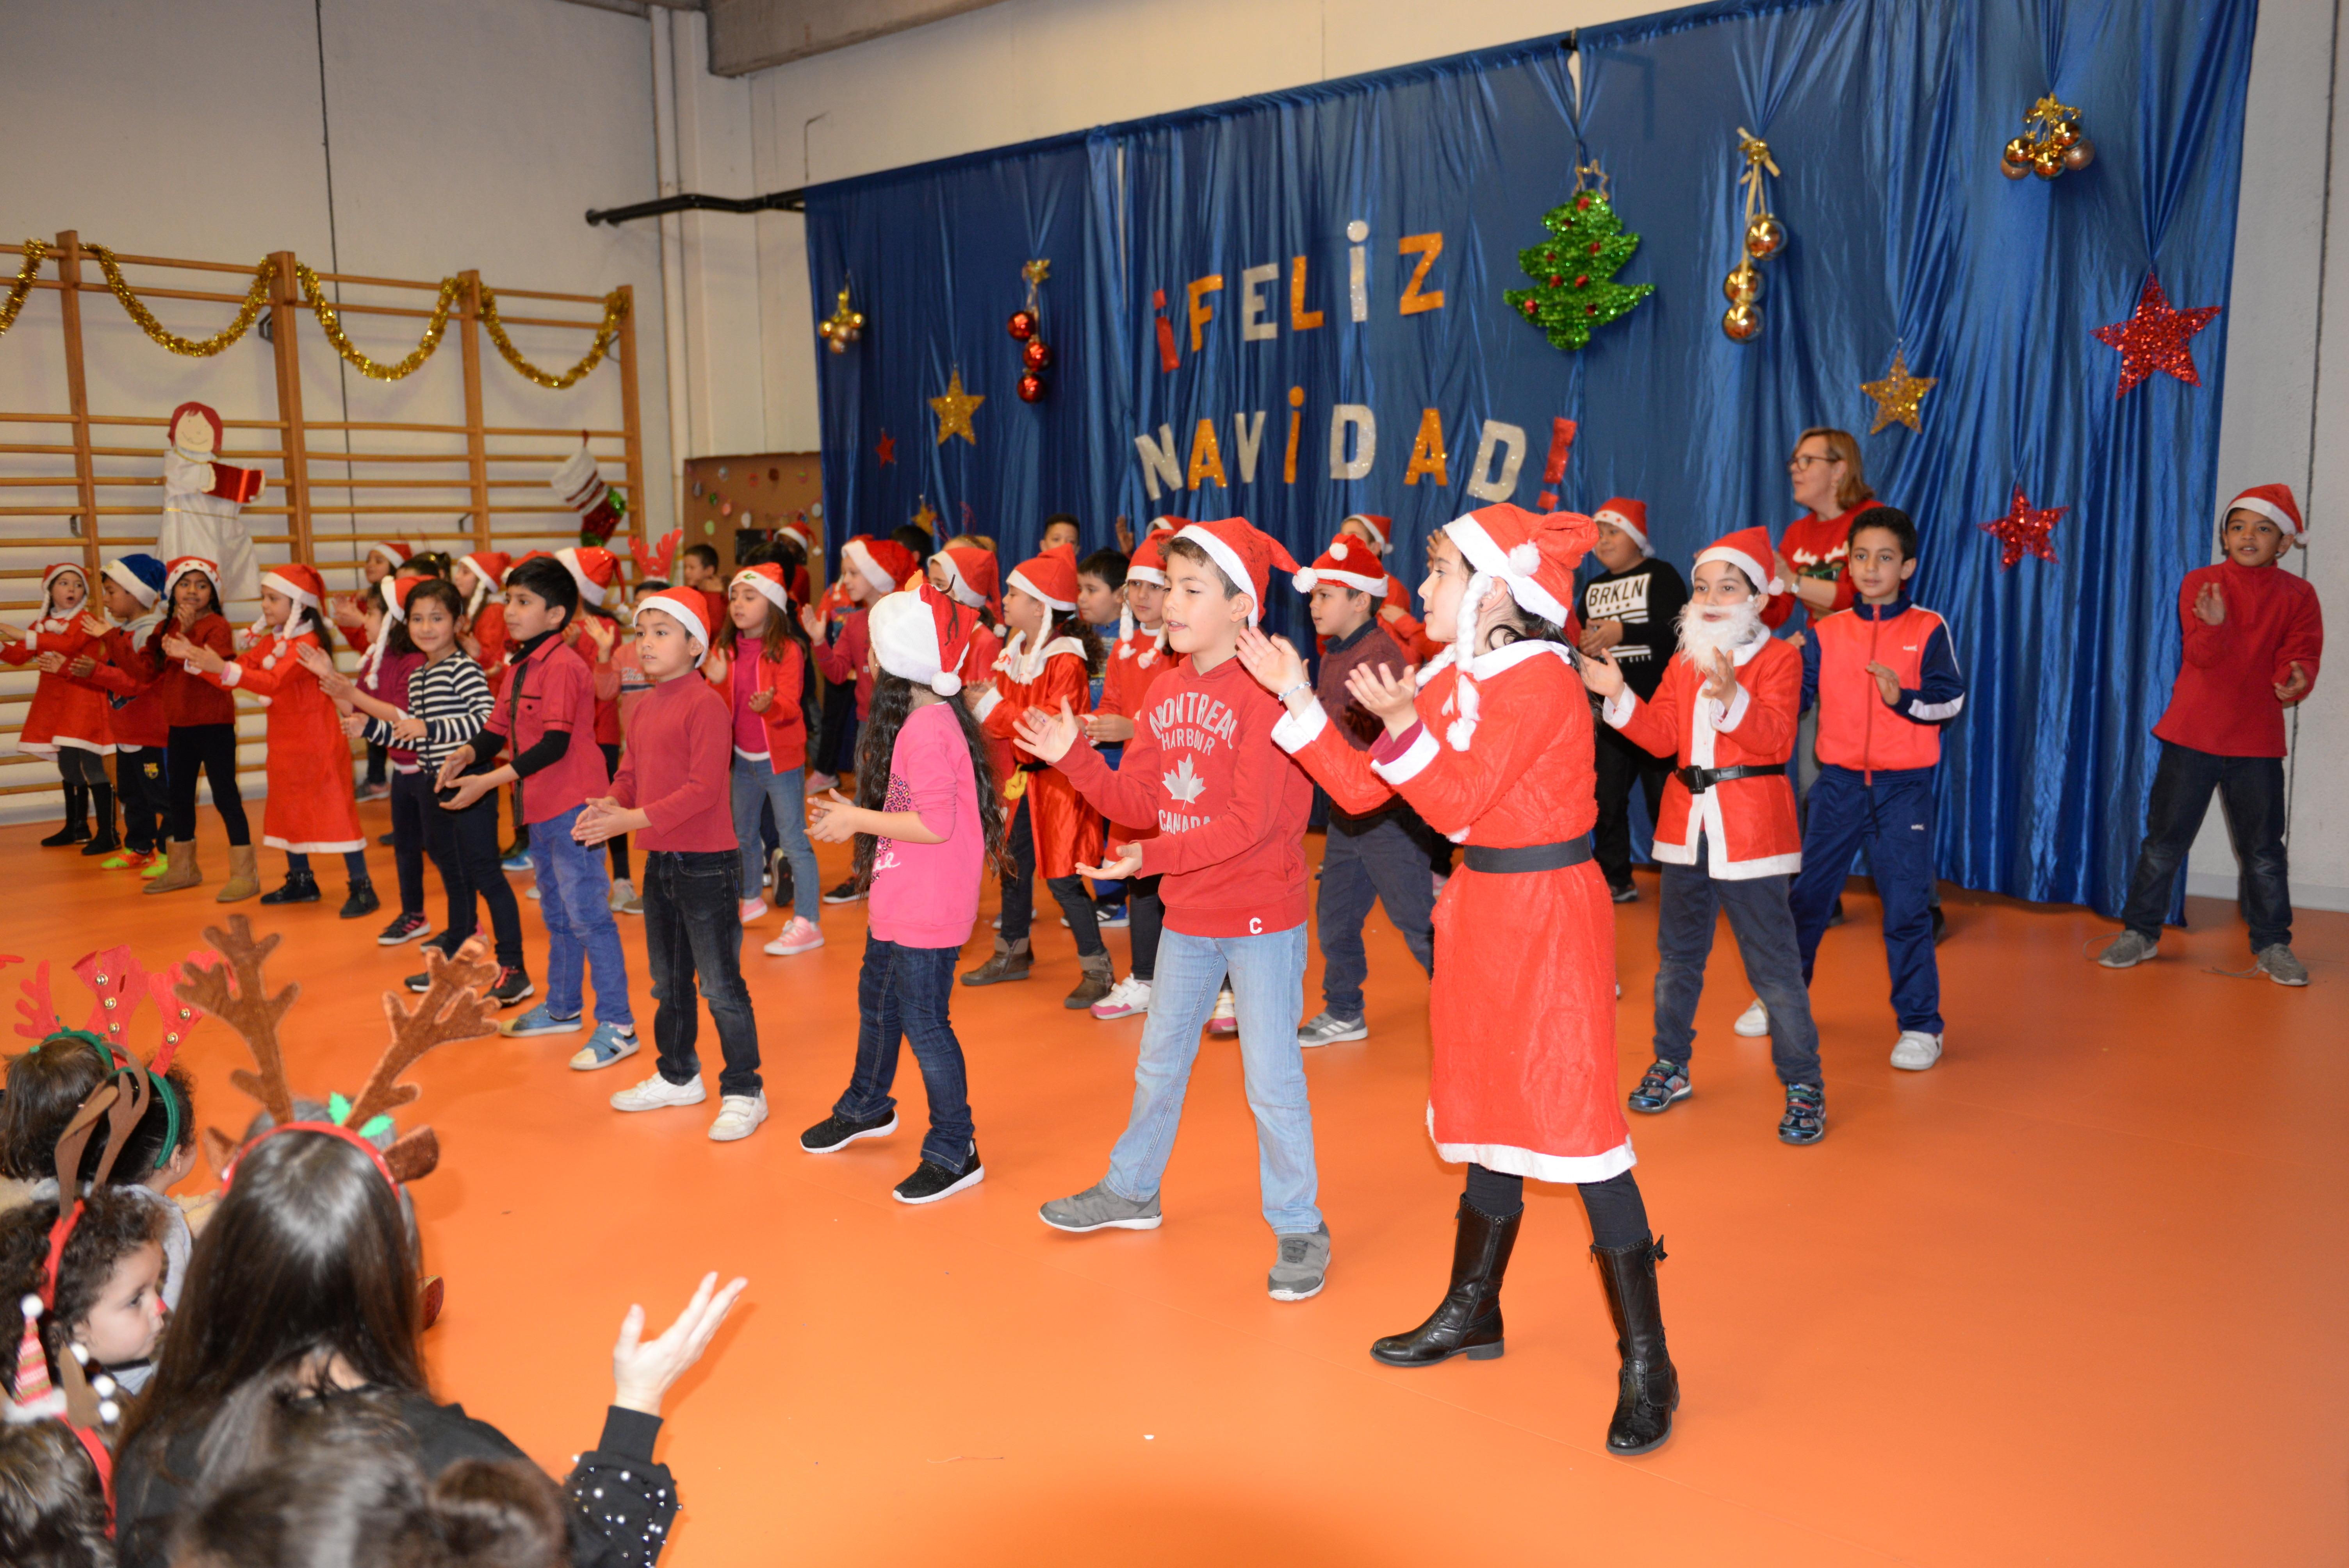 Festival de Navidad 4 21